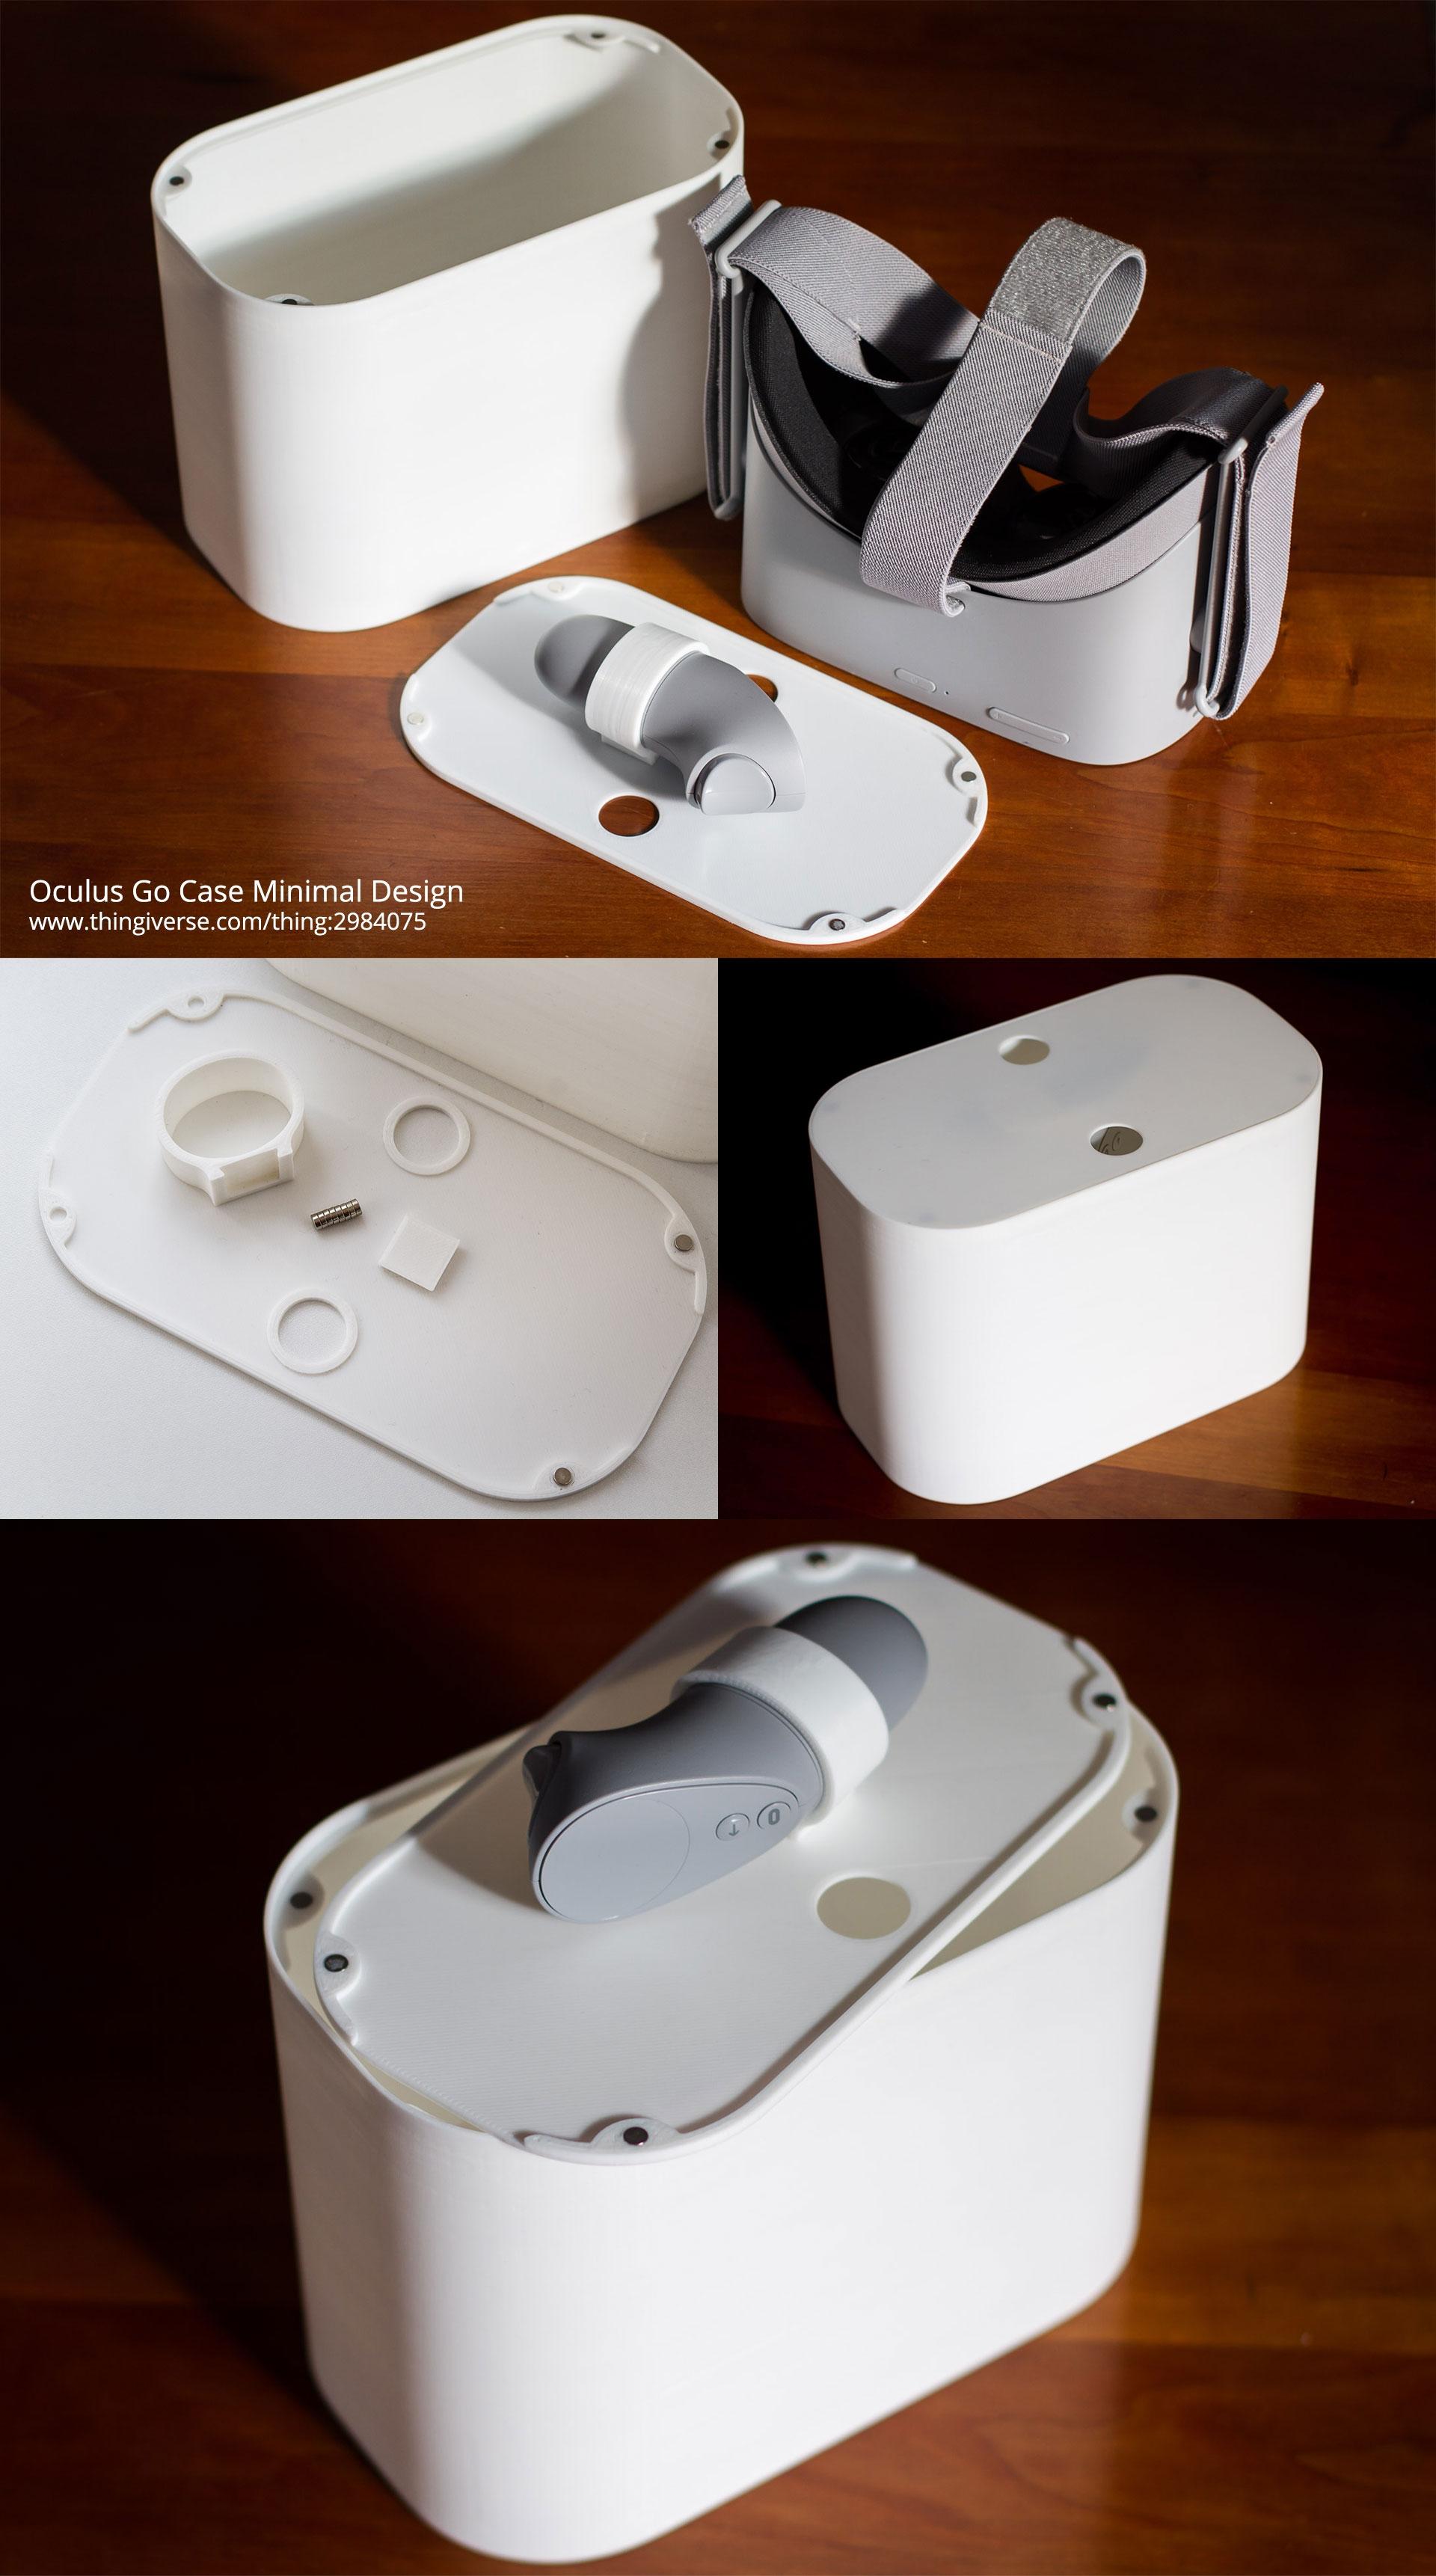 Go Case? — Oculus